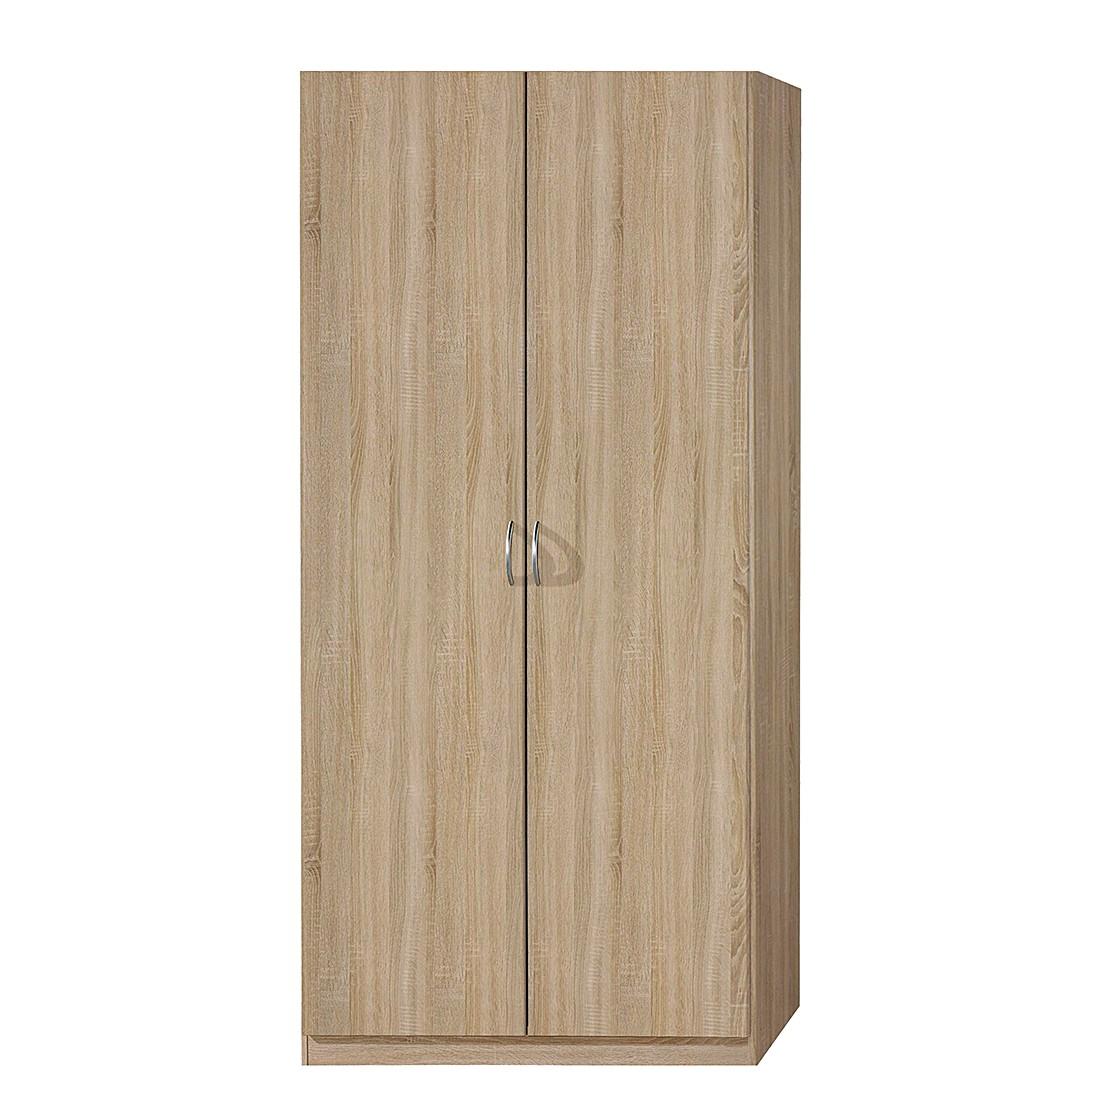 goedkoop Draaideurkast Case I Sonoma eikenhouten look kastbreedte 91cm 2 deurs standaard Rauch Packs